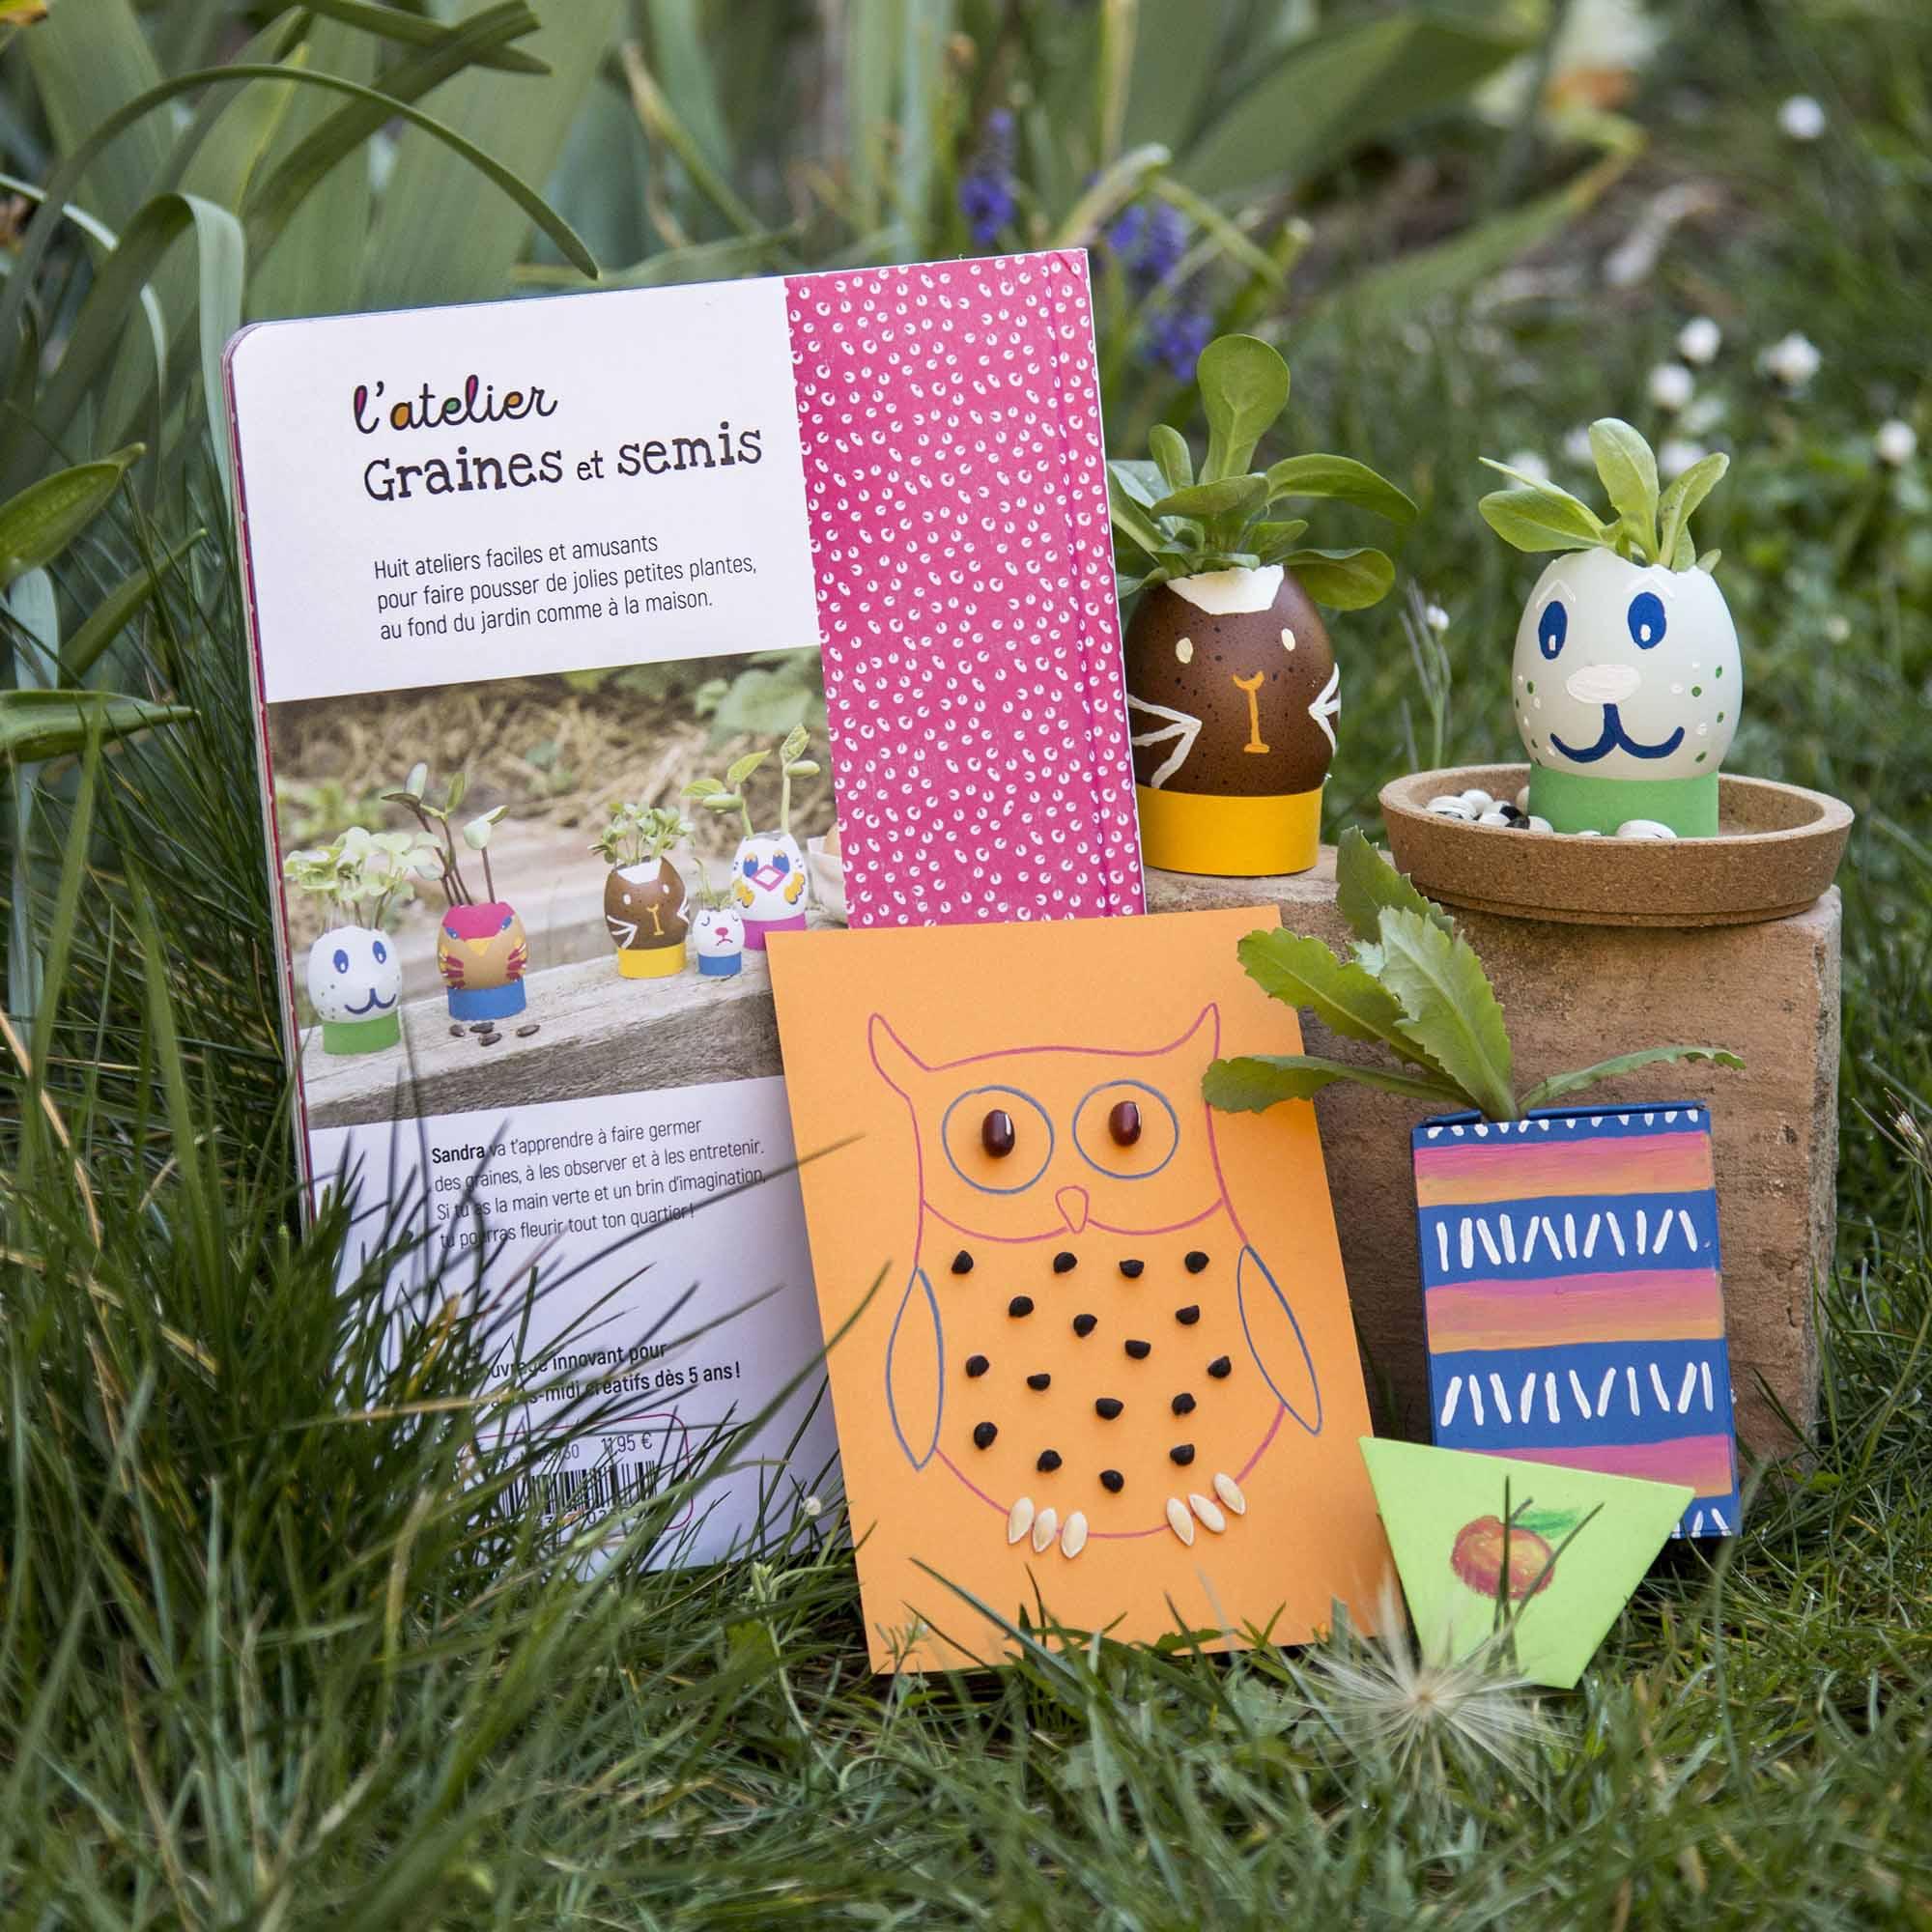 Aperçu de la 4e de couverture du livre jeunesse L'atelier Graines et semis, parmi les plantes du jardin et les exemples de bricolages créatifs